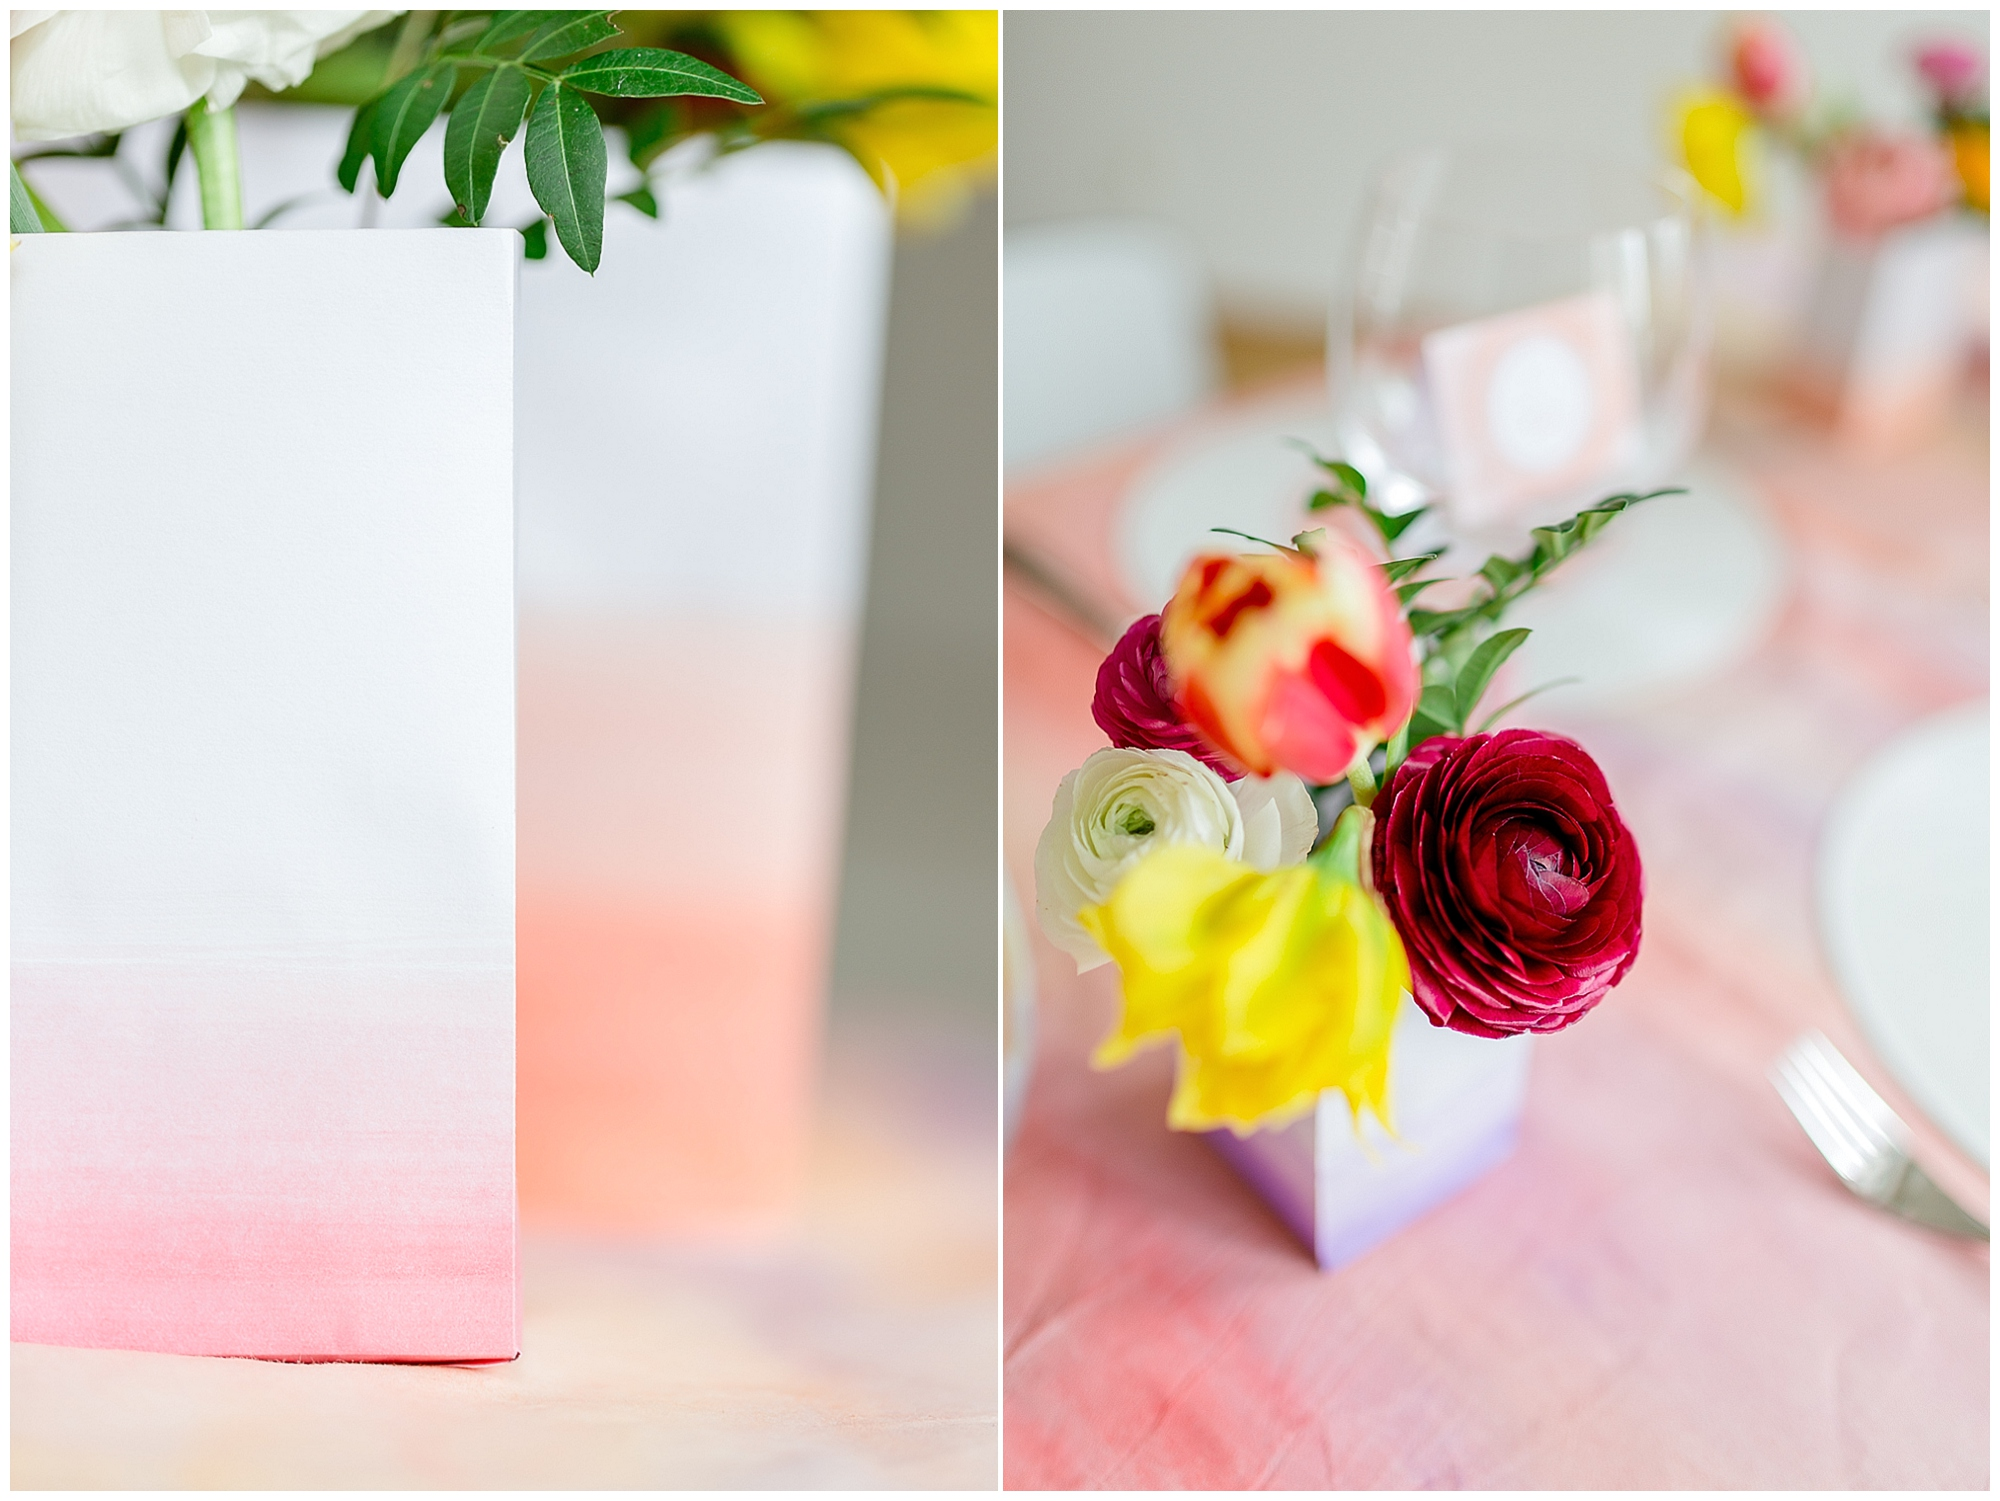 Tischdeko und Aquarell Papeterie für Fruehlingshochzeiten von weddingeve | Foto: Susanne Wysocki | Verrueckt nach Hochzeit